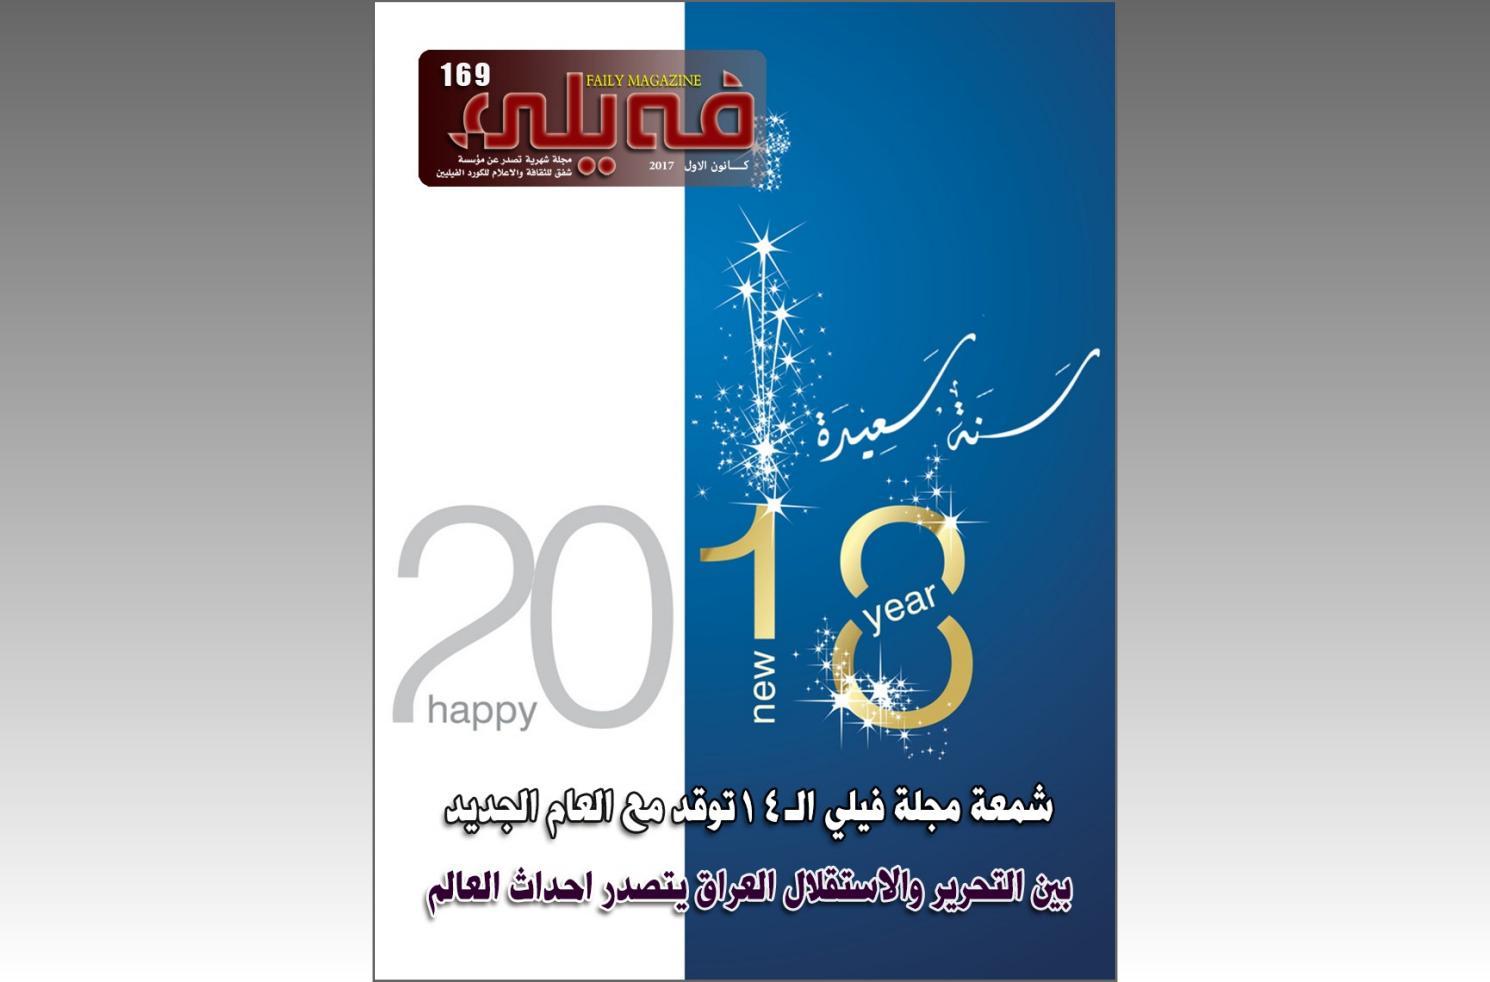 641bbed430233 العدد التاسع والسـتون بعد المــائة من مجلة فيلي by shafaaq media - issuu